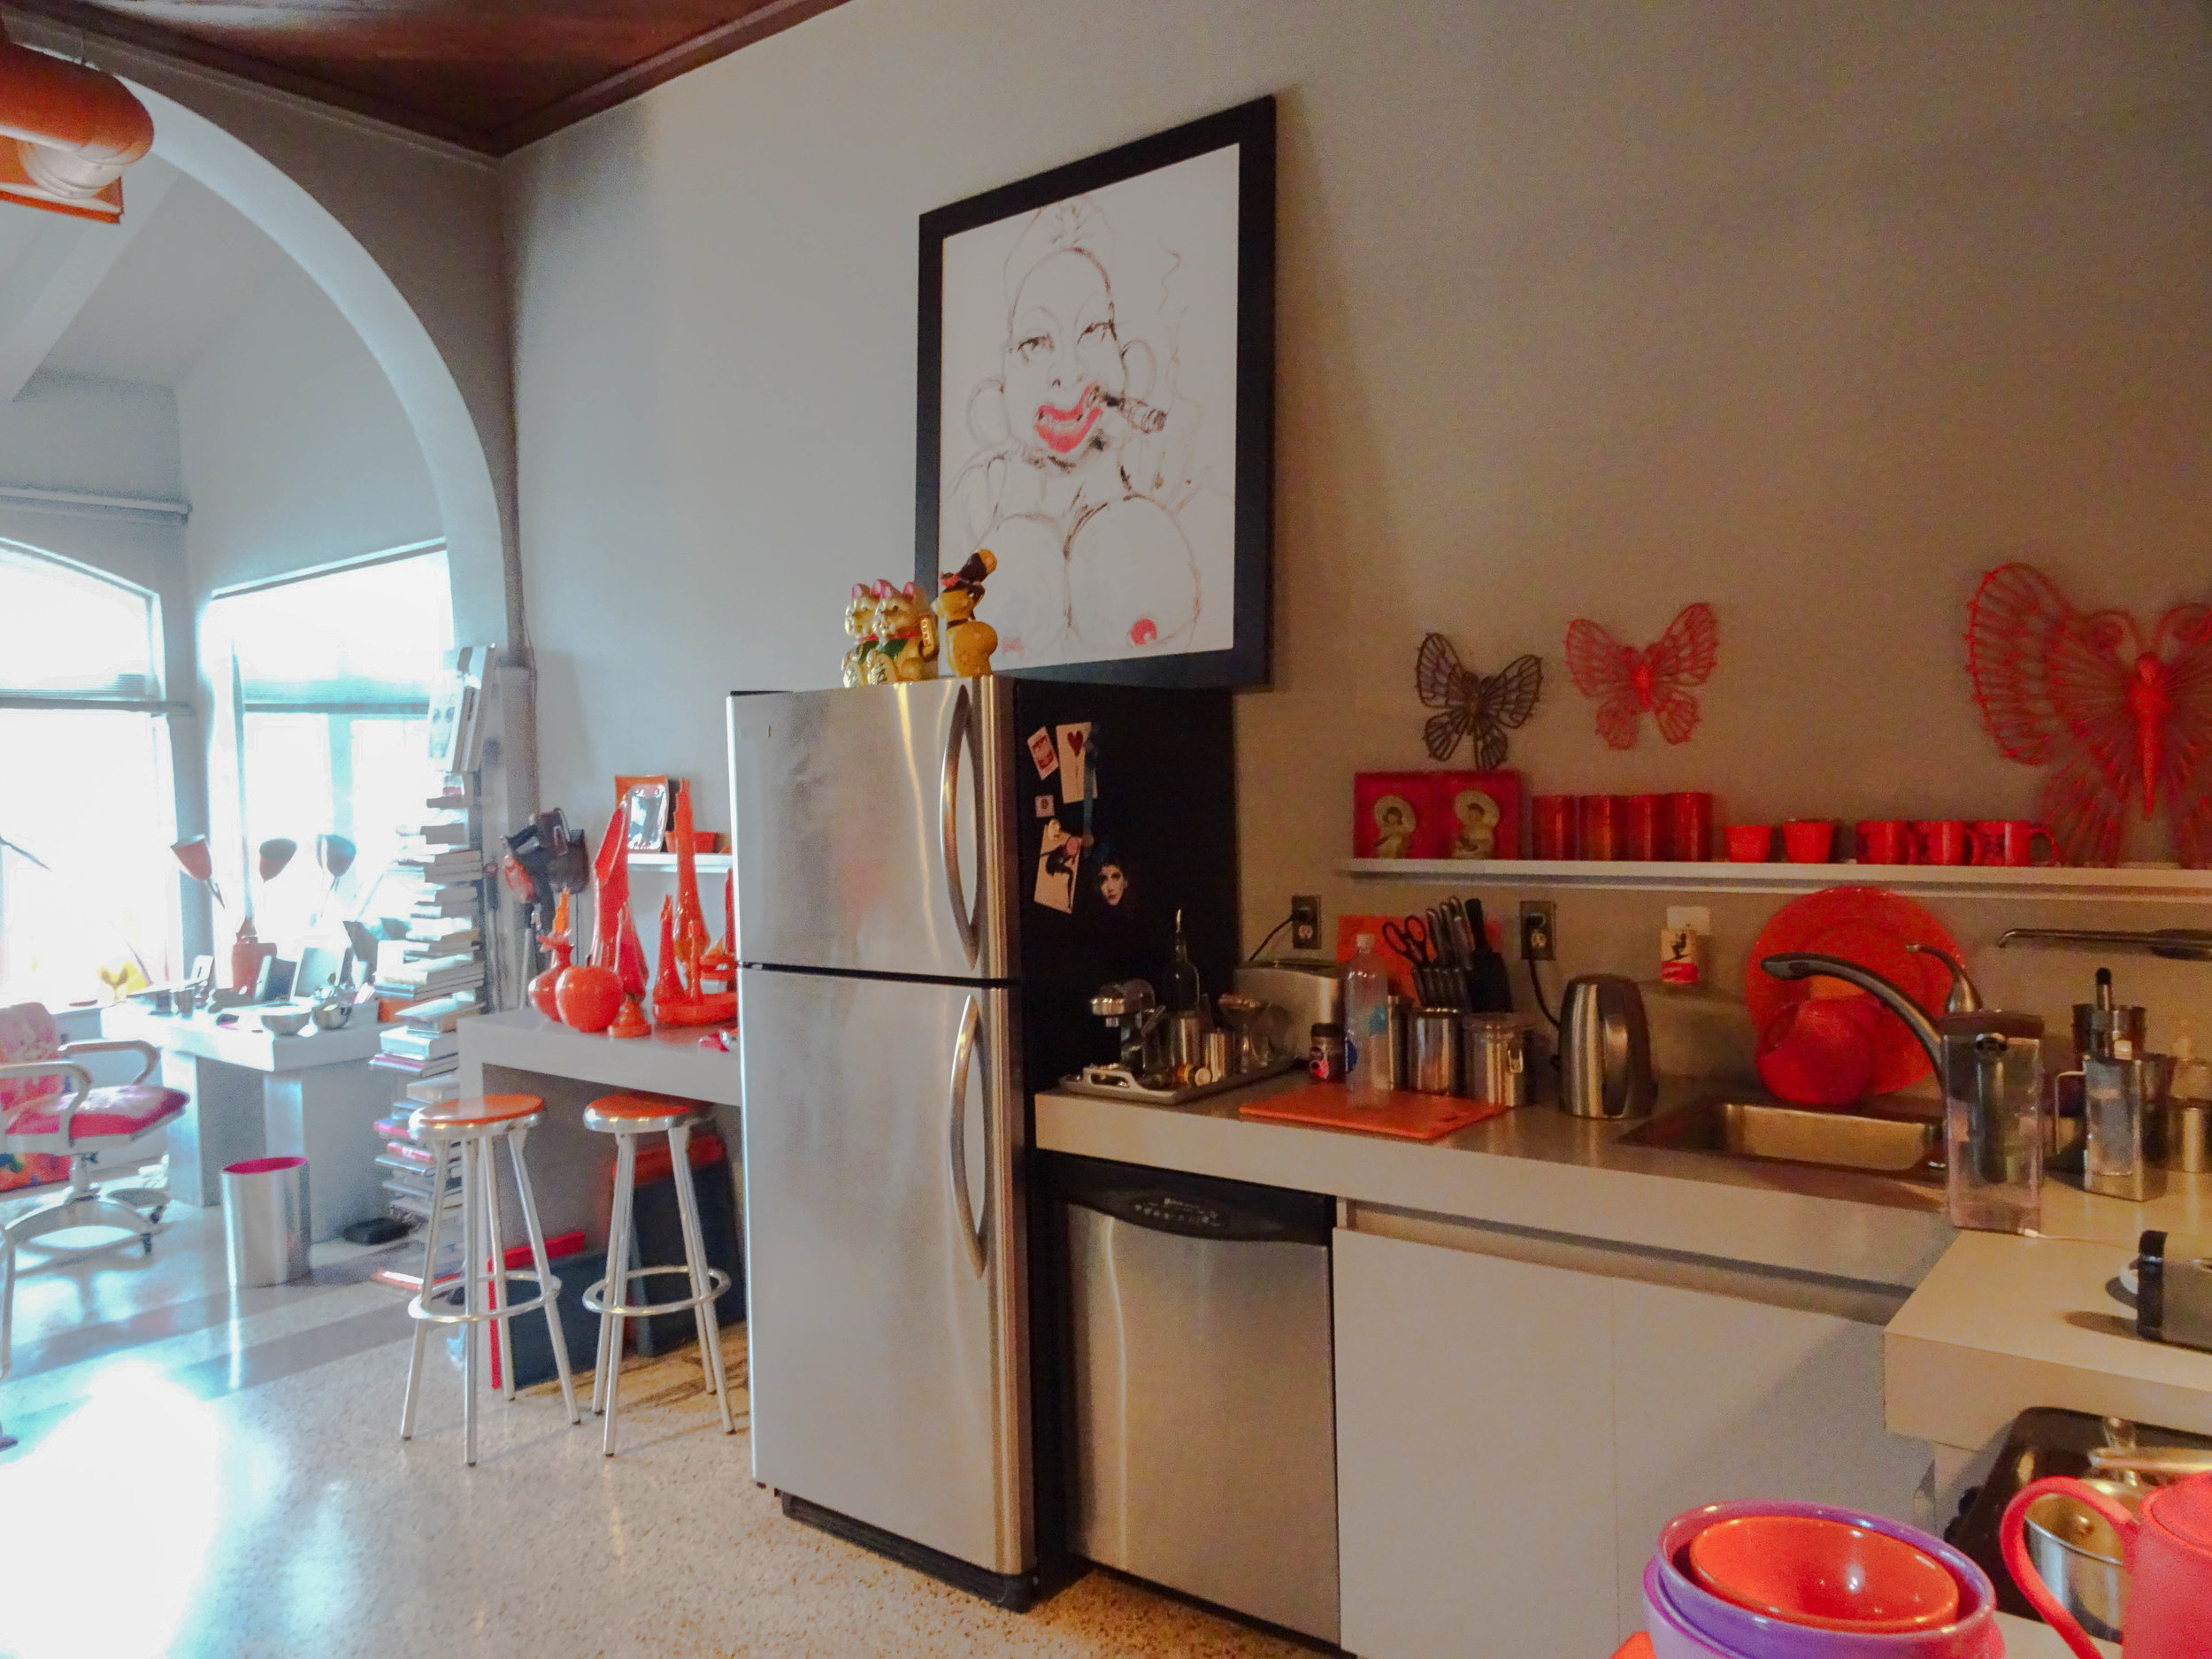 Steel and orange kitchen.